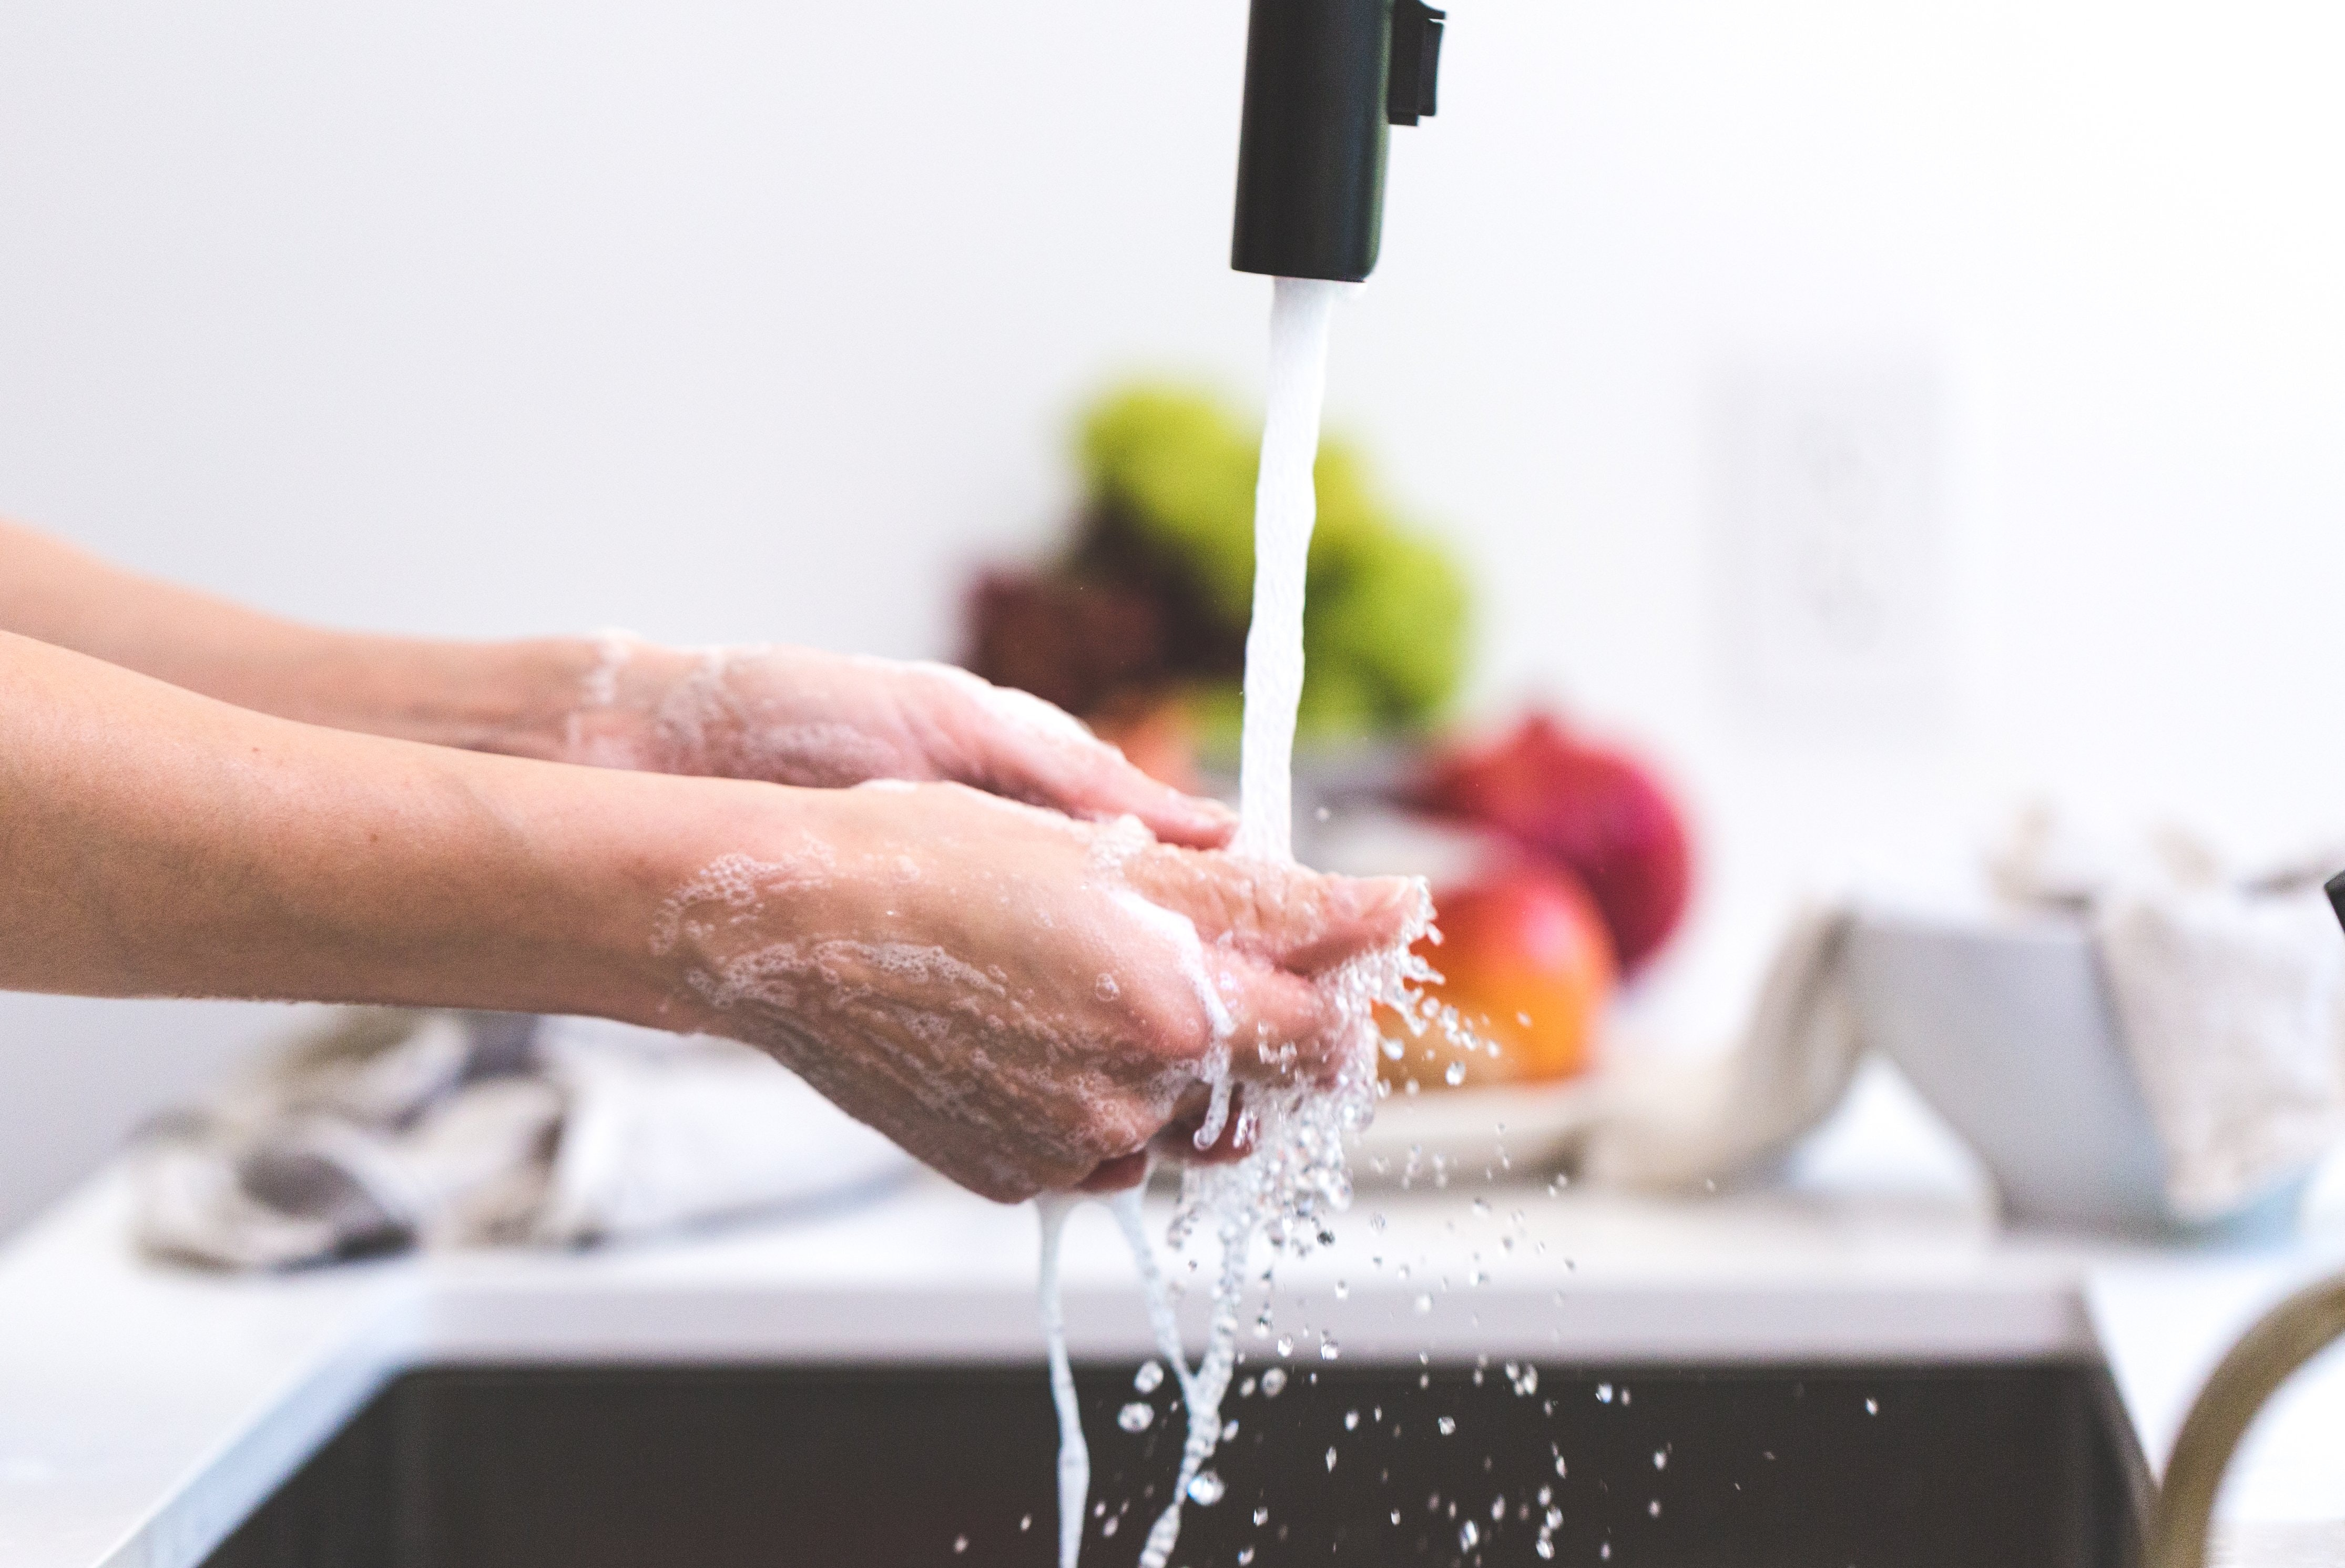 選擇護膚用品 敏感肌要注意4大事項